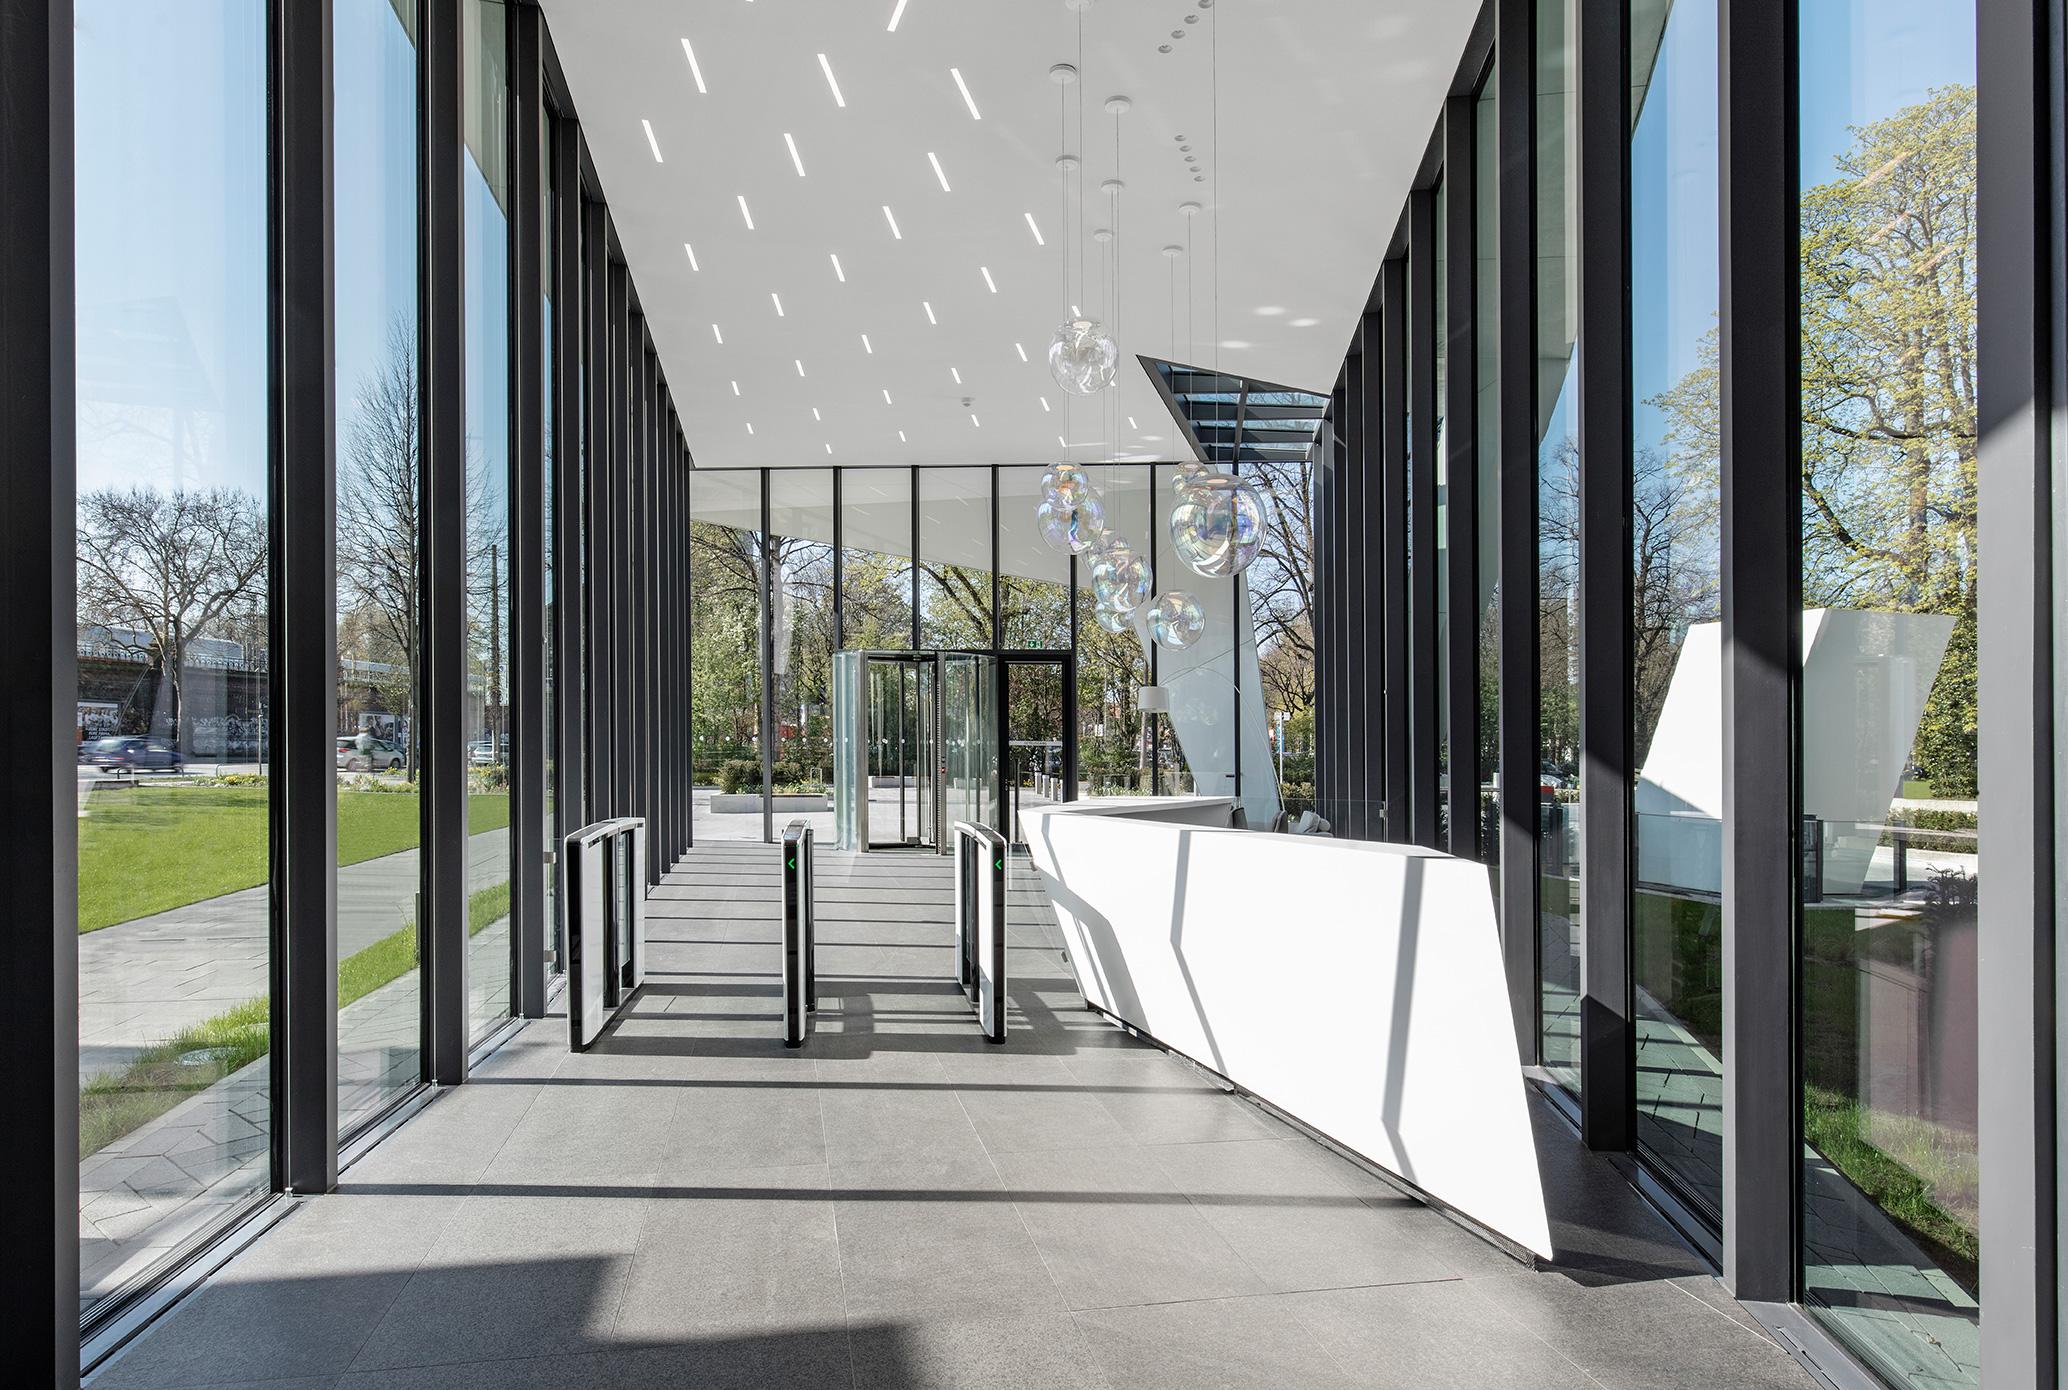 Envoriment archive querkopf architekten - Querkopf architekten ...